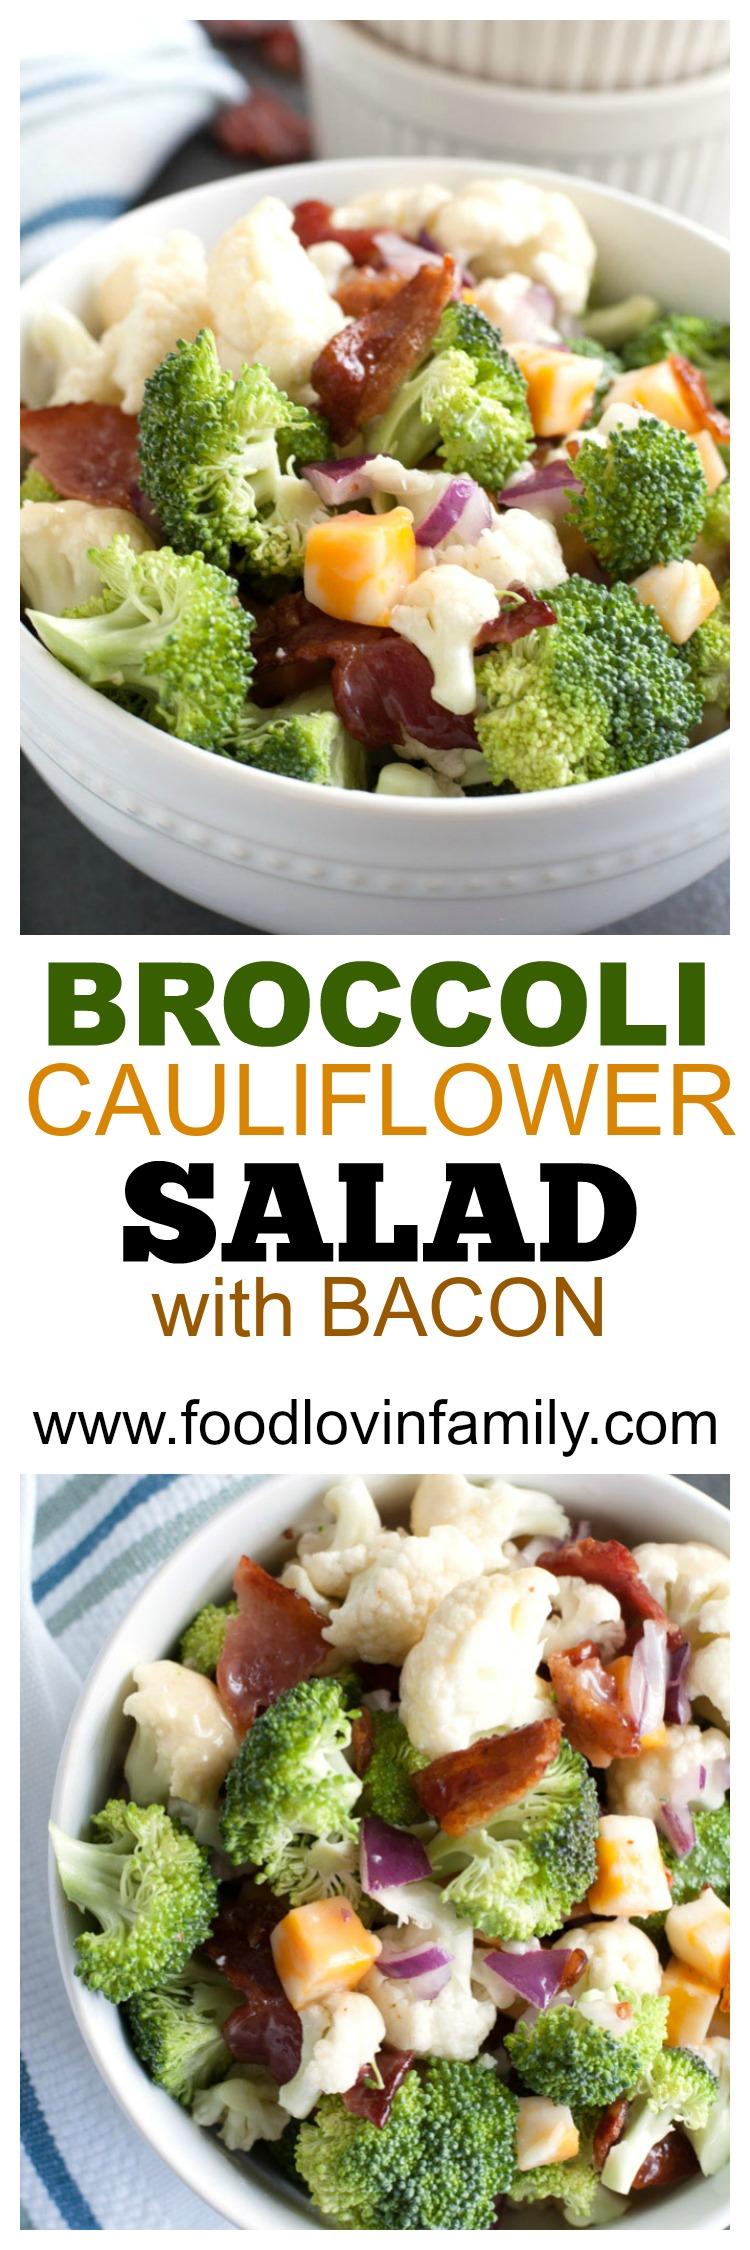 Broccoli Cauliflower Bacon Salad